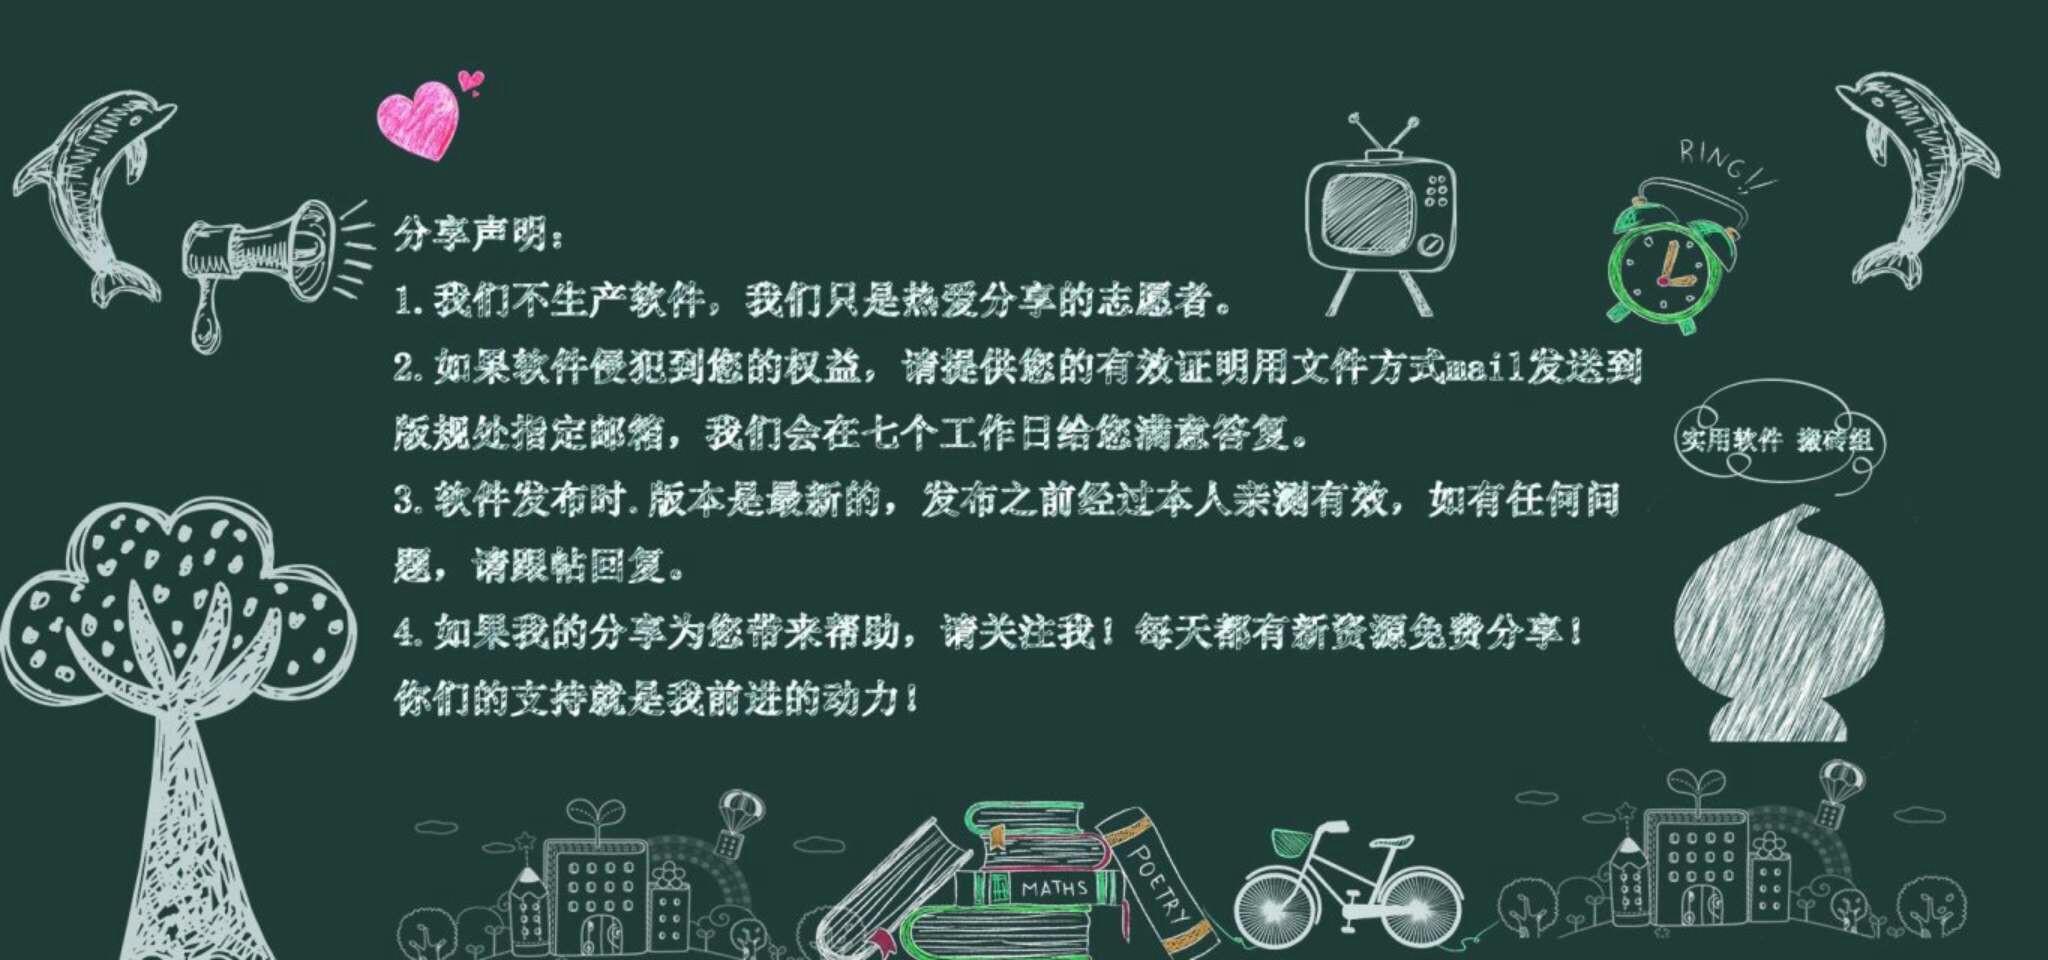 【资源分享】闪动壁纸-爱小助